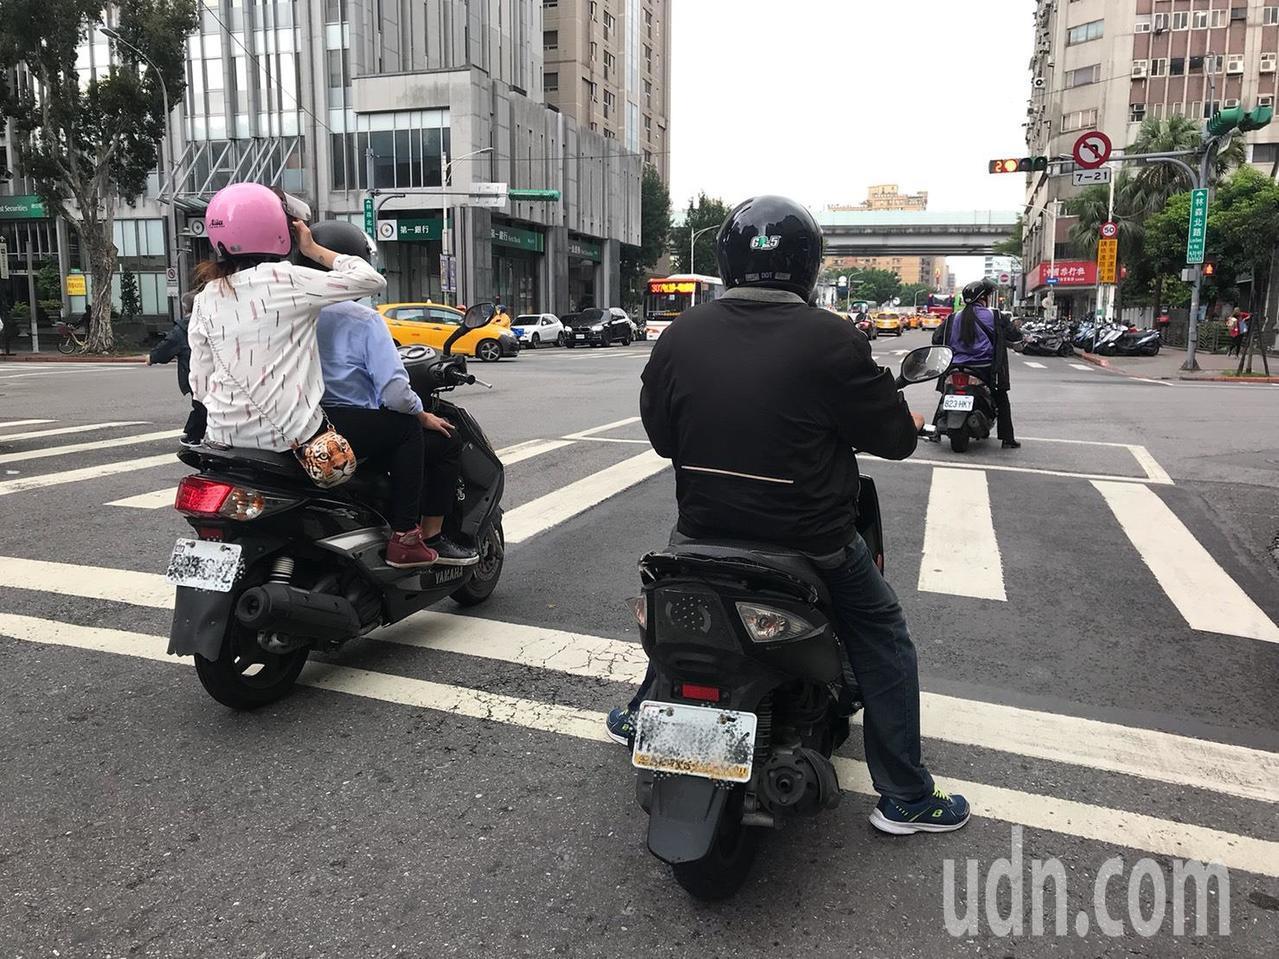 台灣機車族數量龐大,所產生出的廢氣亦使民眾易暴露於嚴重空汙之中。記者簡浩正/攝影